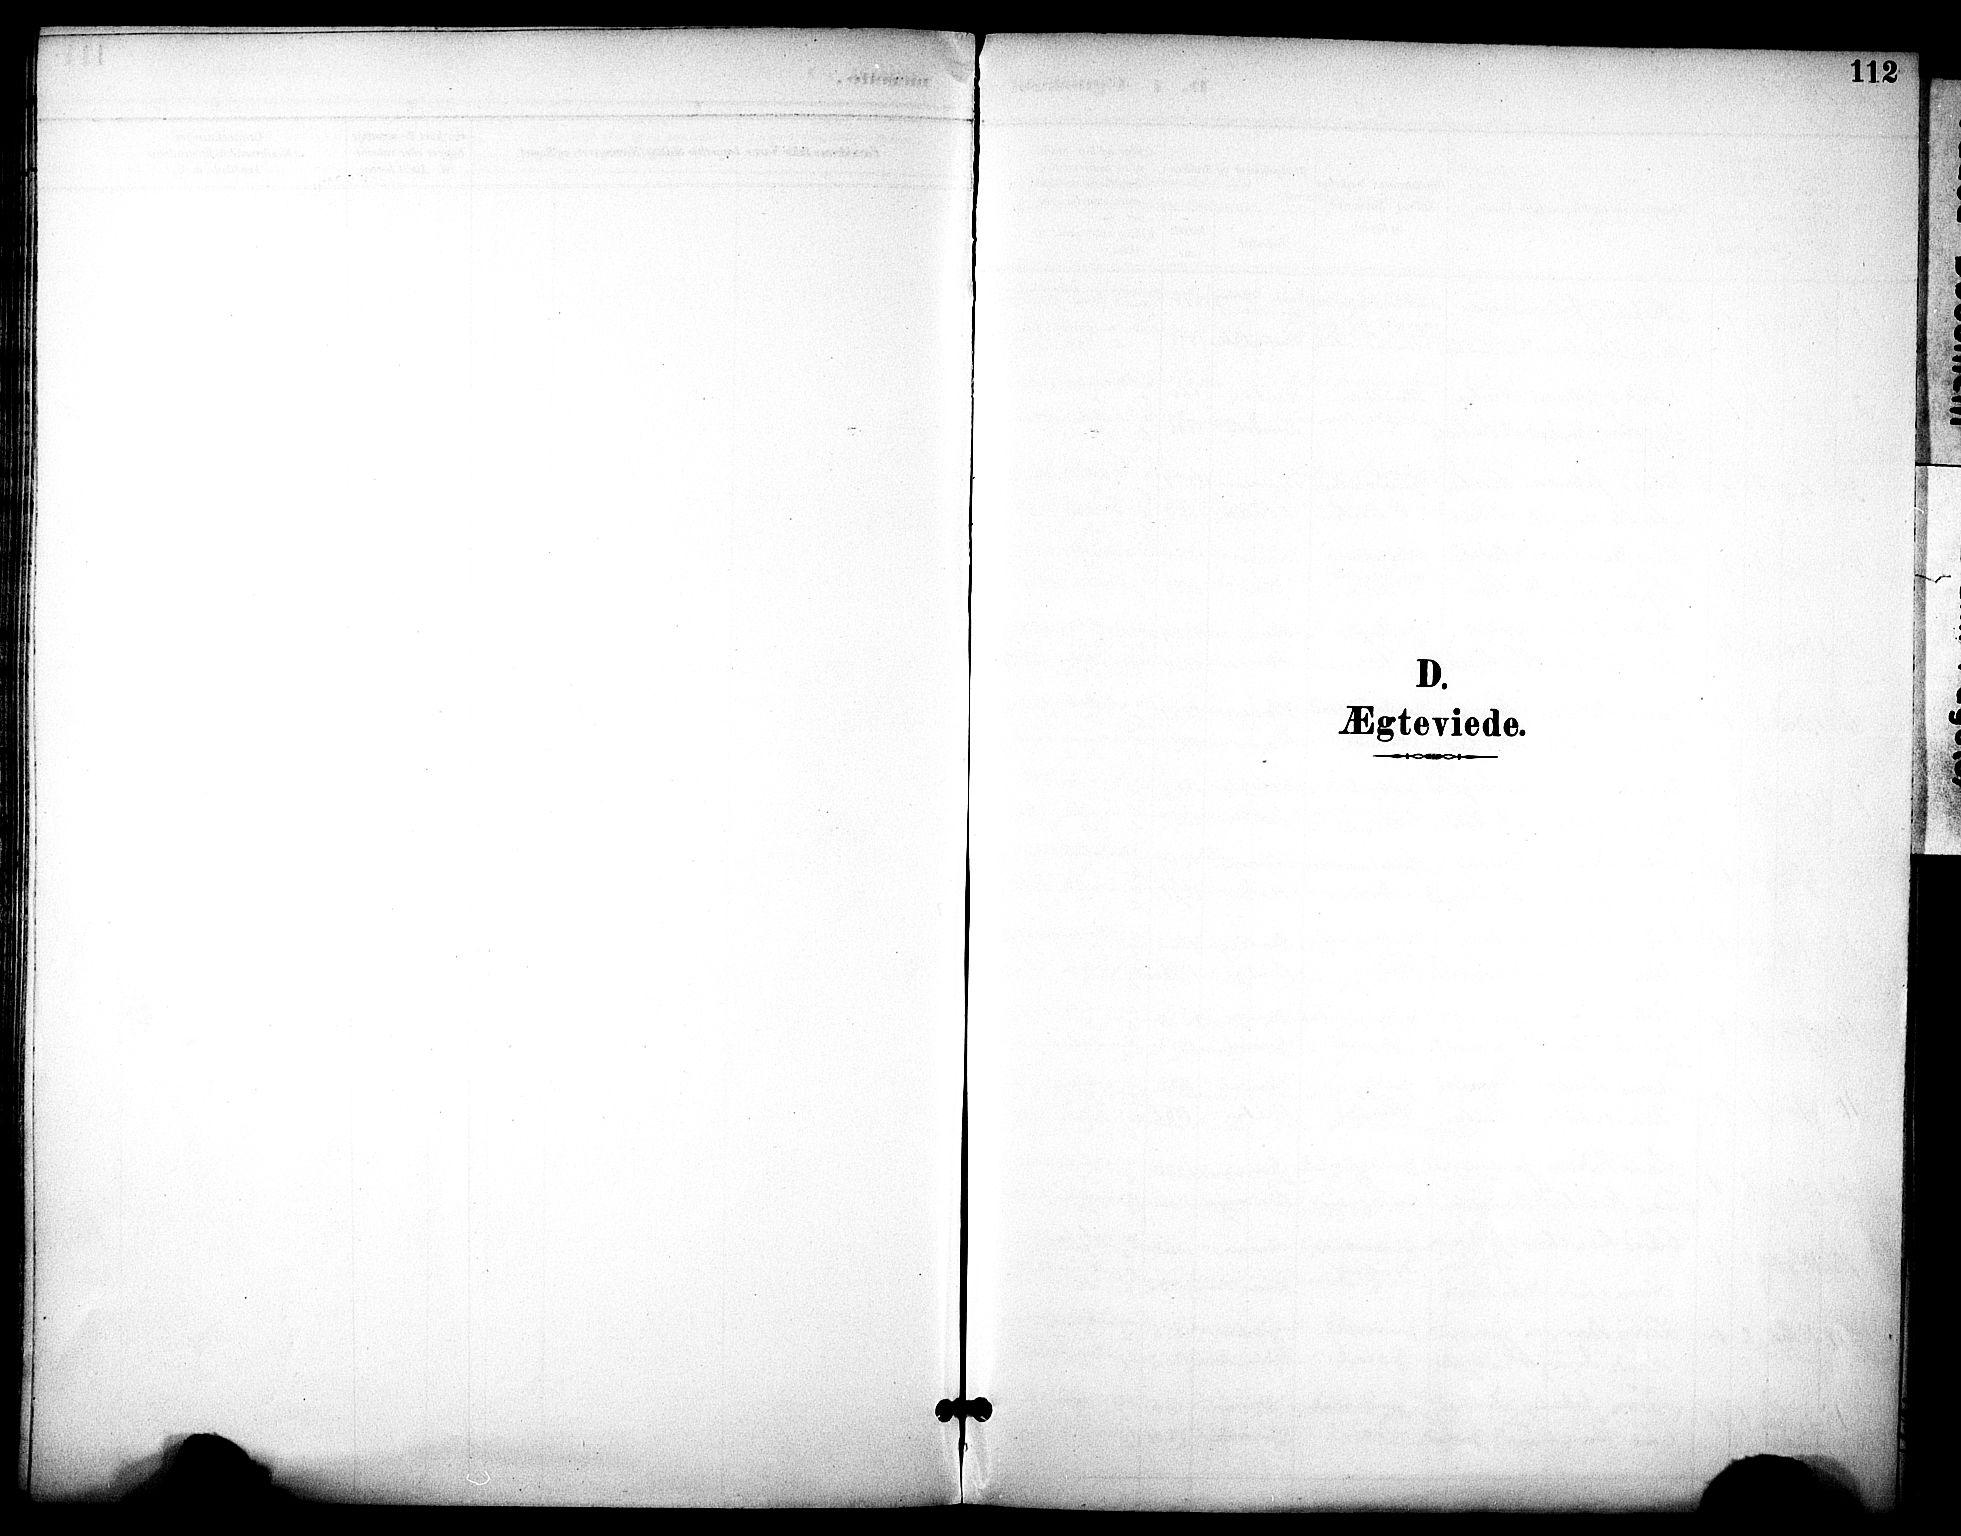 SAT, Ministerialprotokoller, klokkerbøker og fødselsregistre - Sør-Trøndelag, 686/L0984: Ministerialbok nr. 686A02, 1891-1906, s. 112